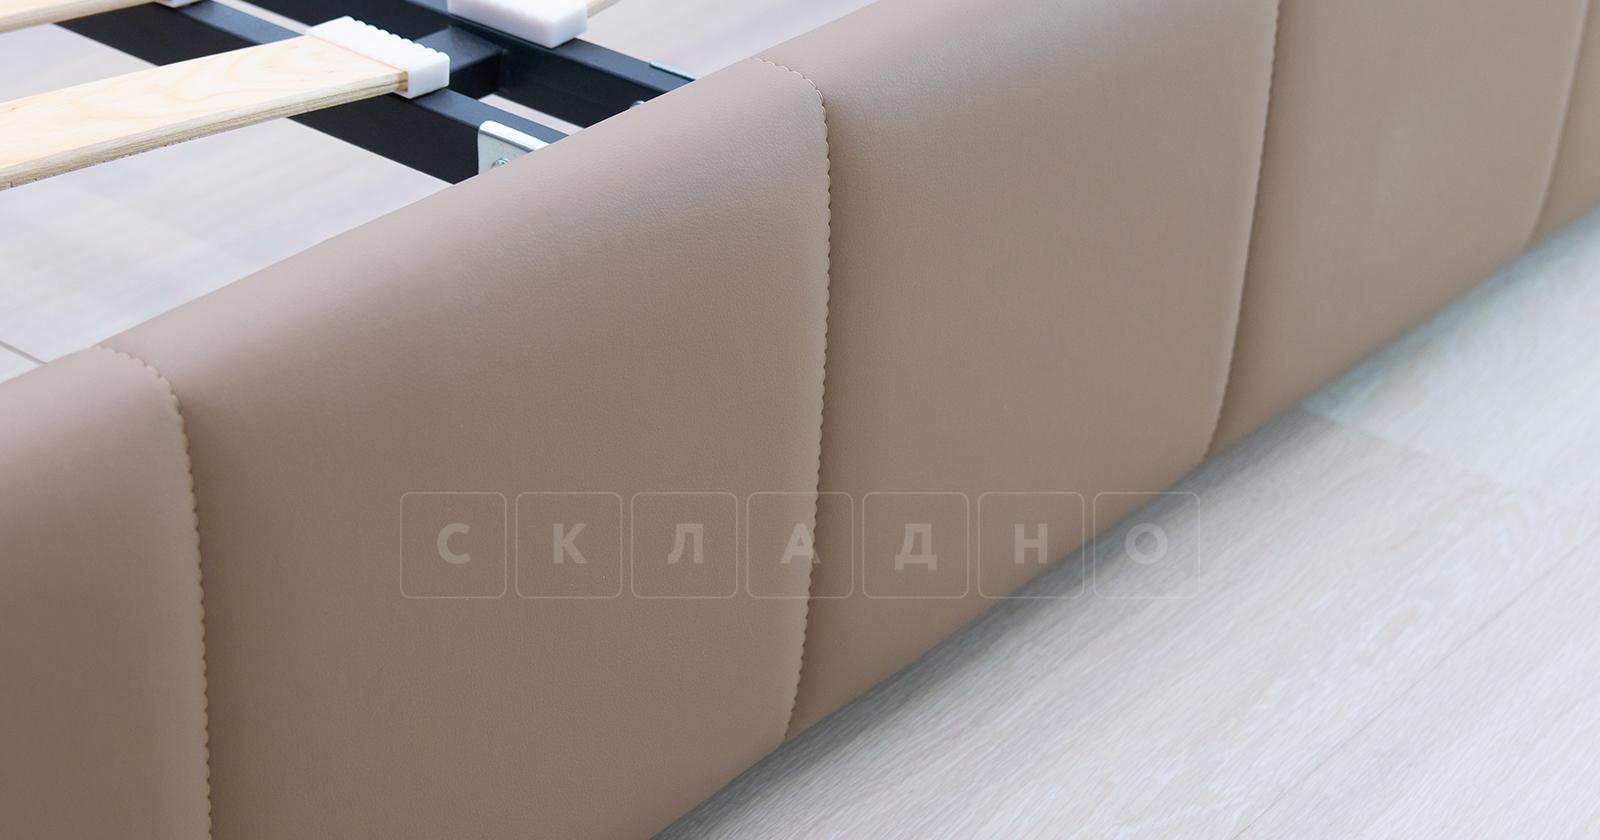 Мягкая кровать Хлоя 160 см капучино с подъемным механизмом фото 6 | интернет-магазин Складно